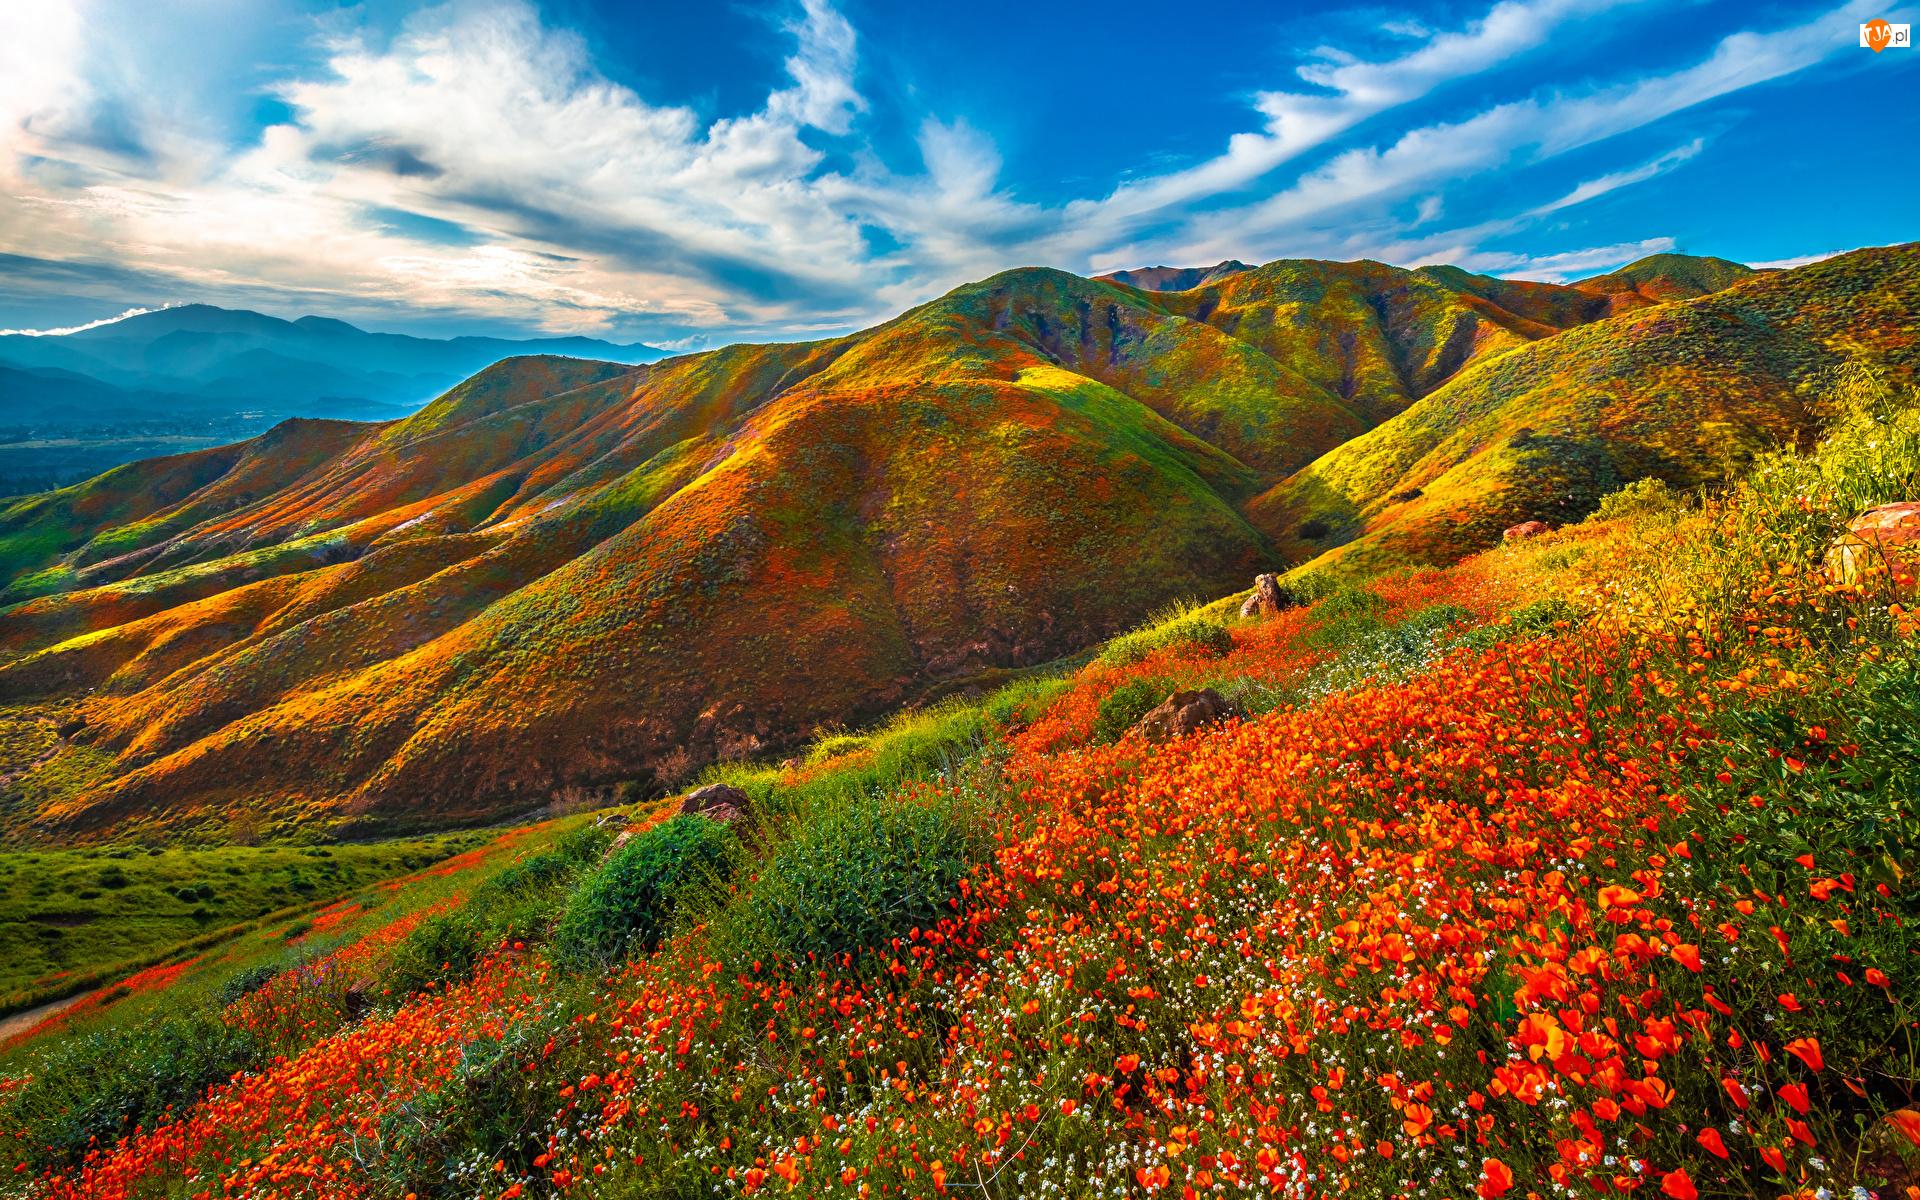 Kwiaty, Łąka, Góry, Maczki kalifornijskie, Wzgórza, Pozłotki